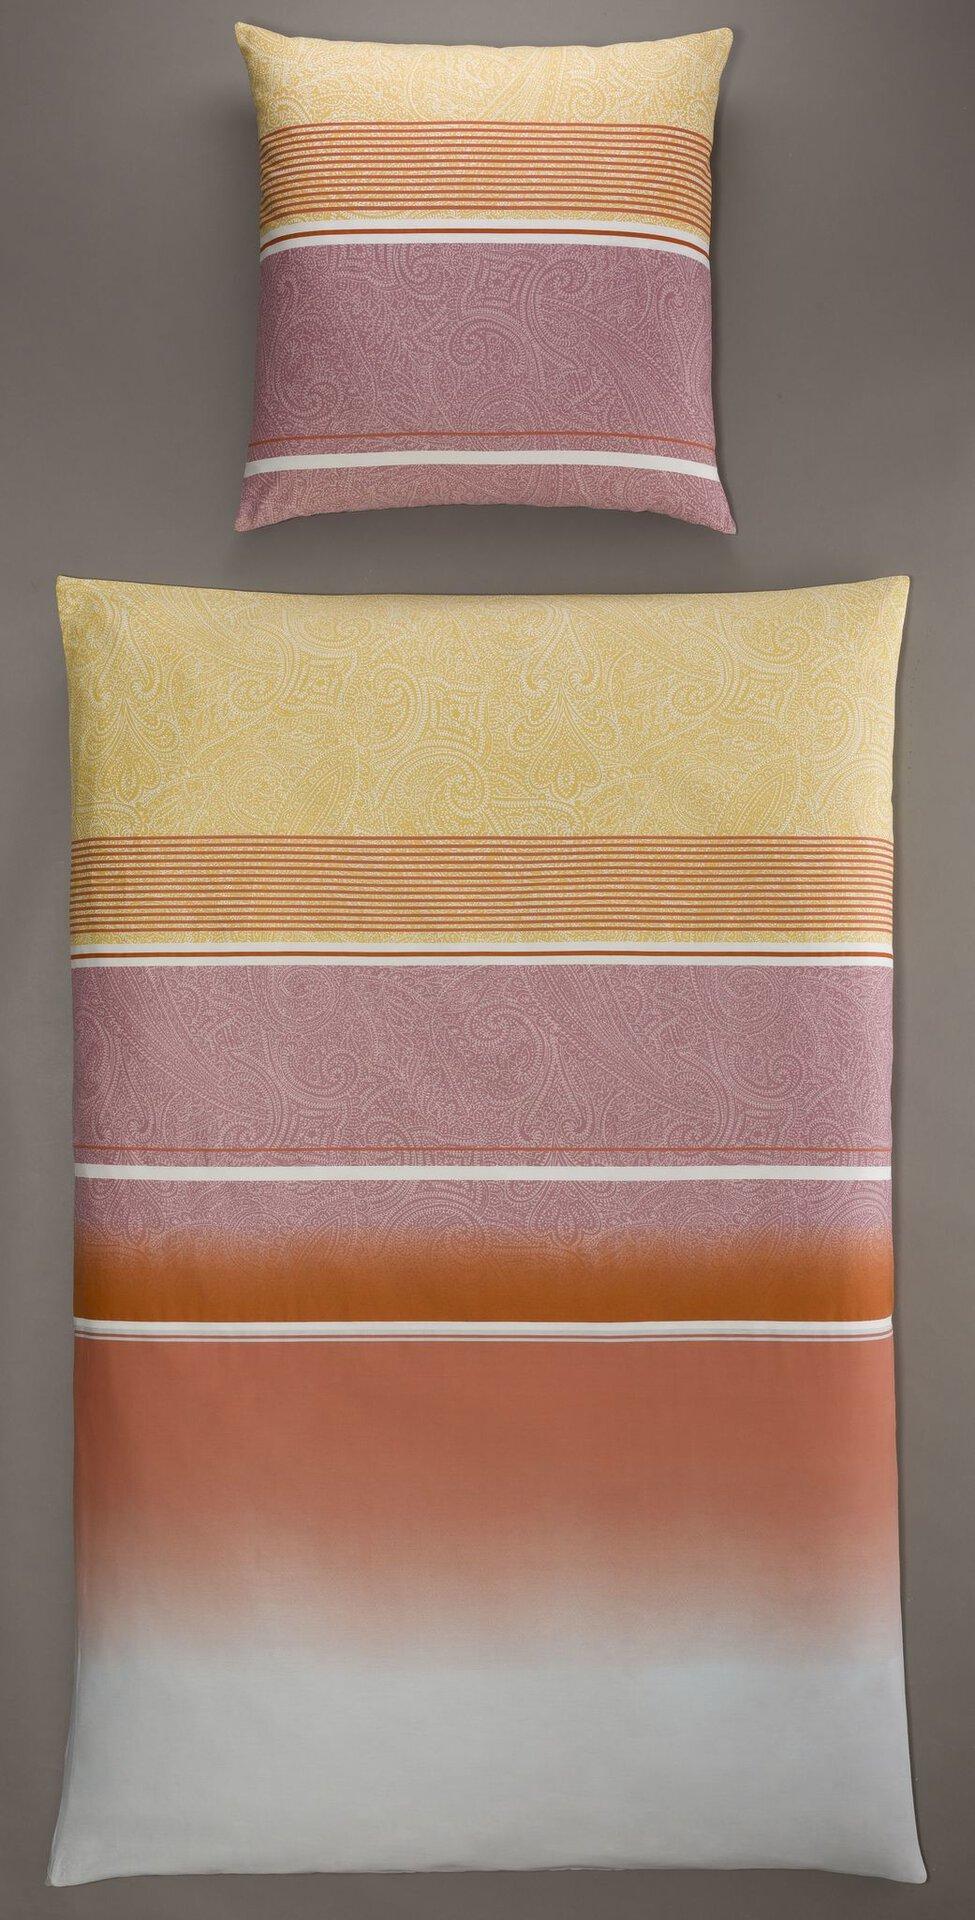 Satin-Bettwäsche Streifen Casa Nova Textil mehrfarbig 135 x 200 cm